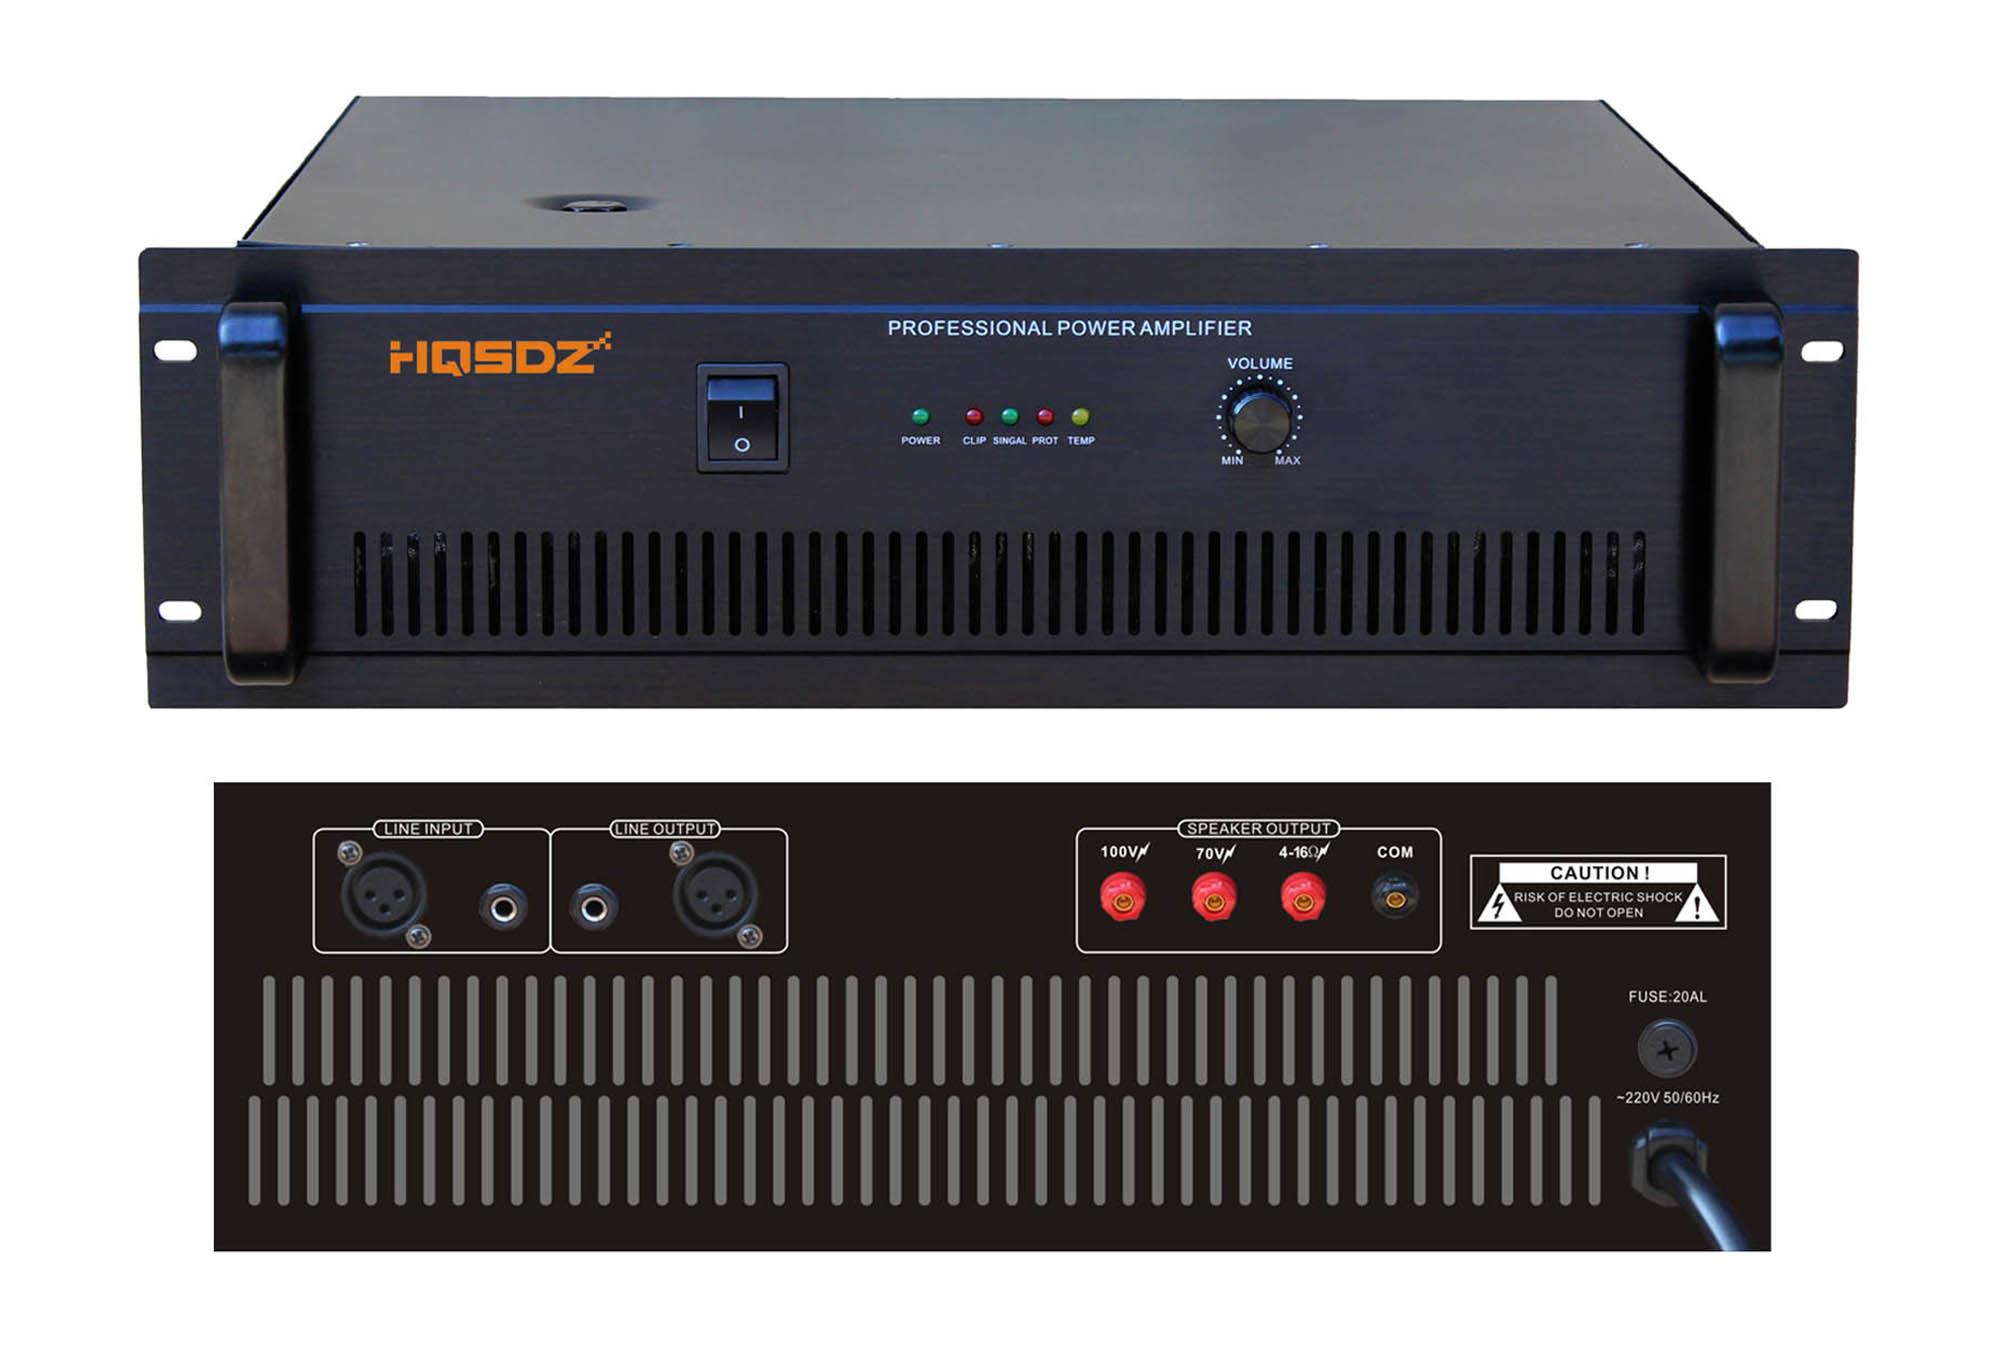 功能描述 1、高档铝质2U黑色拉丝面板,铝质拉手,美观大方; 2、设有RCA插口,XLR插口,非常适用大、中、小型公共场合广播使用; 3、设有100V、70V定压输出和4~16定阻输出;输出音量可调节; 5、5单元LED工作状态显示:电源、信号、消顶、保护、高温,便于观察机器工作情况; 6、具有完善的输出短路保护和超温保护功能;散热风扇强制启动。 中文性能规格参数表